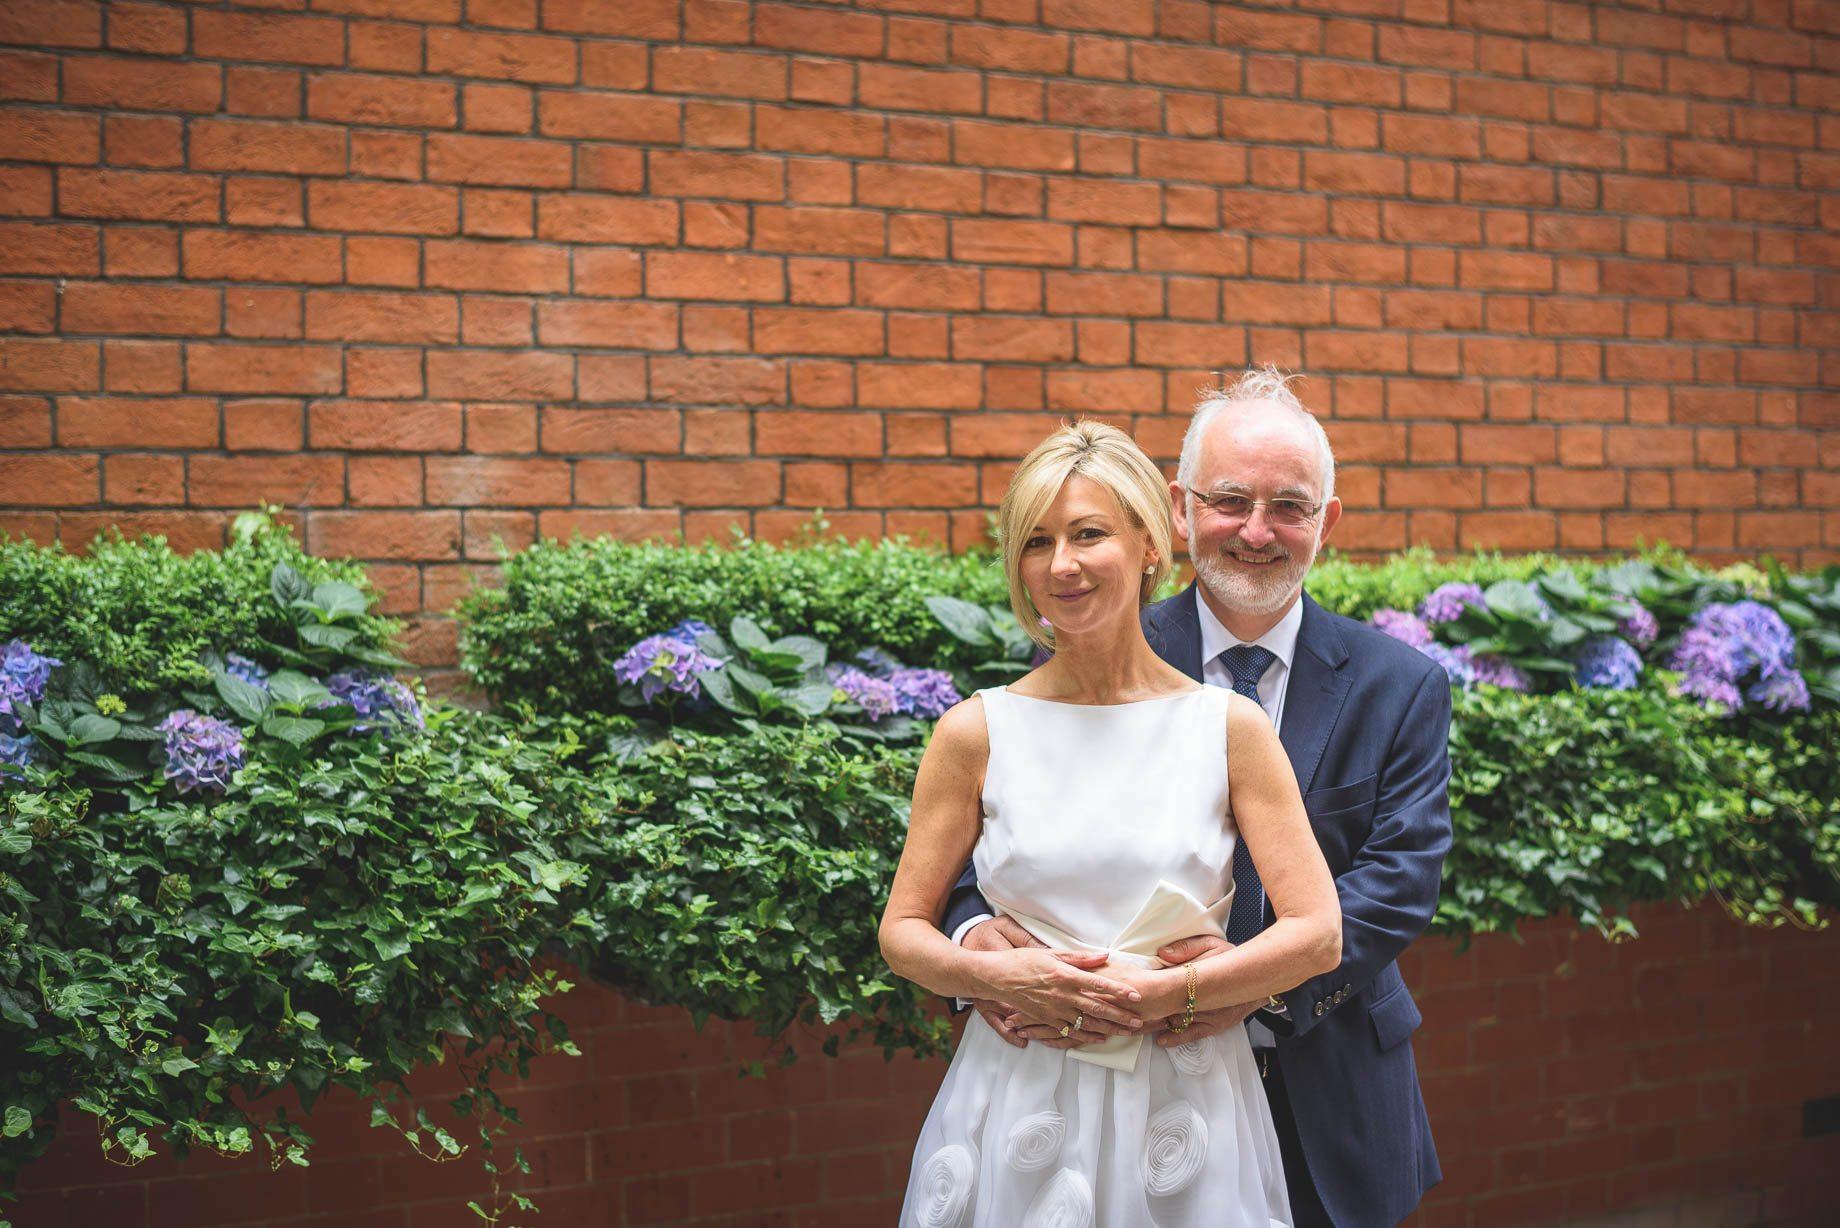 Mayfair wedding photography - Allison and Eugene (57 of 94)